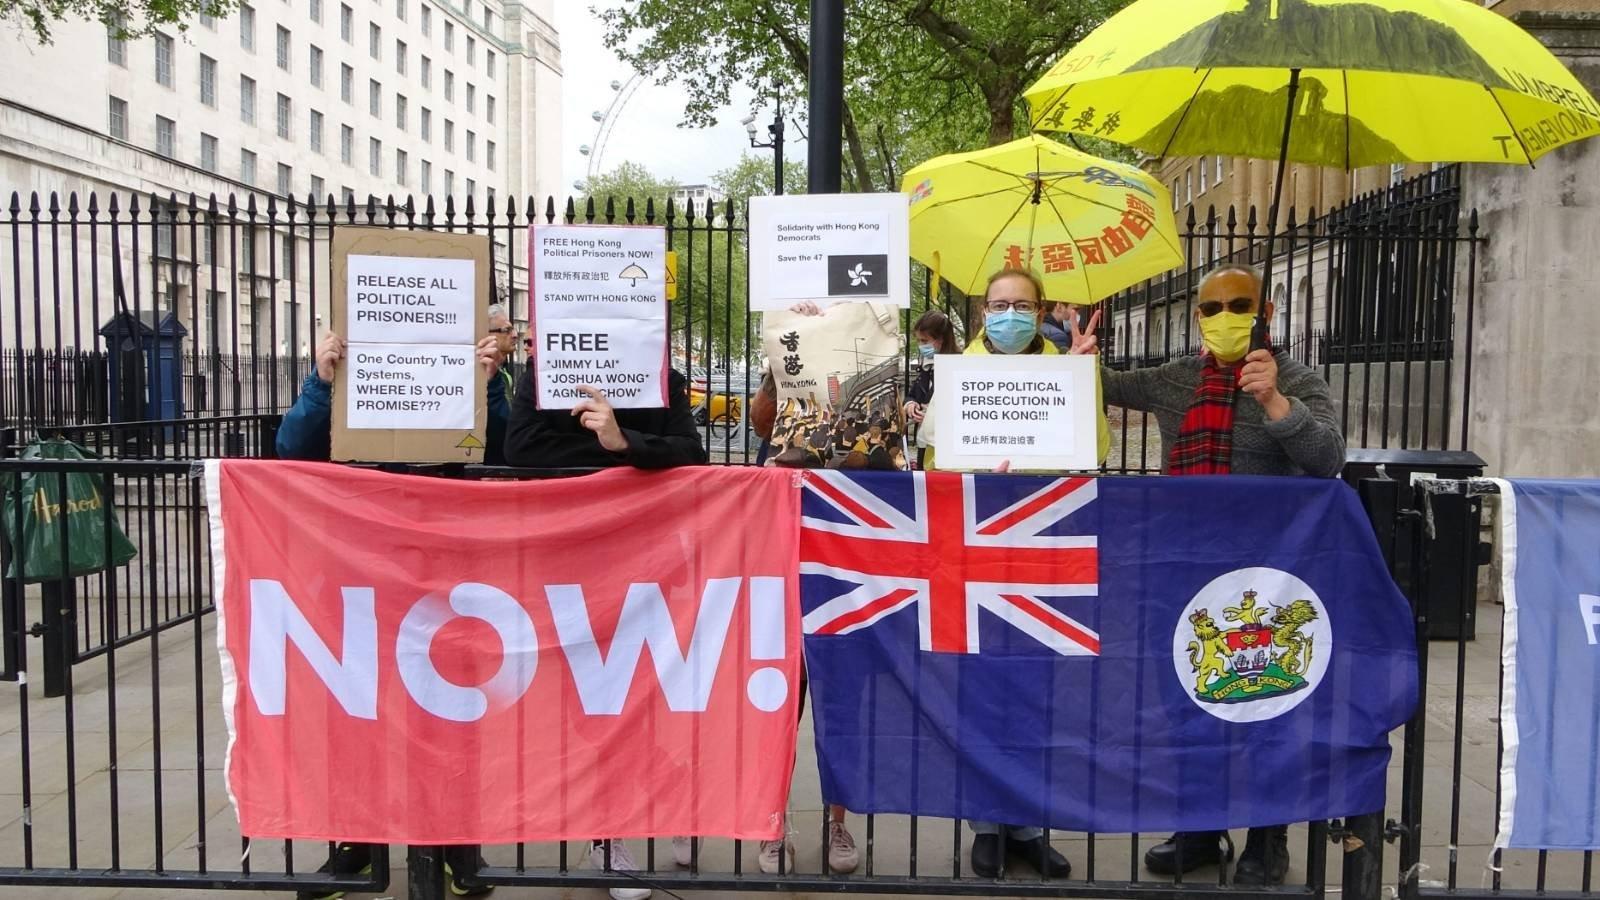 英國首都倫敦有港人出席「Fridays For Freedom: Free Hong Kong」的集會,工黨華人組織聯合創辦人吳呂南博士(右一)亦有出席。(文苳晴攝)